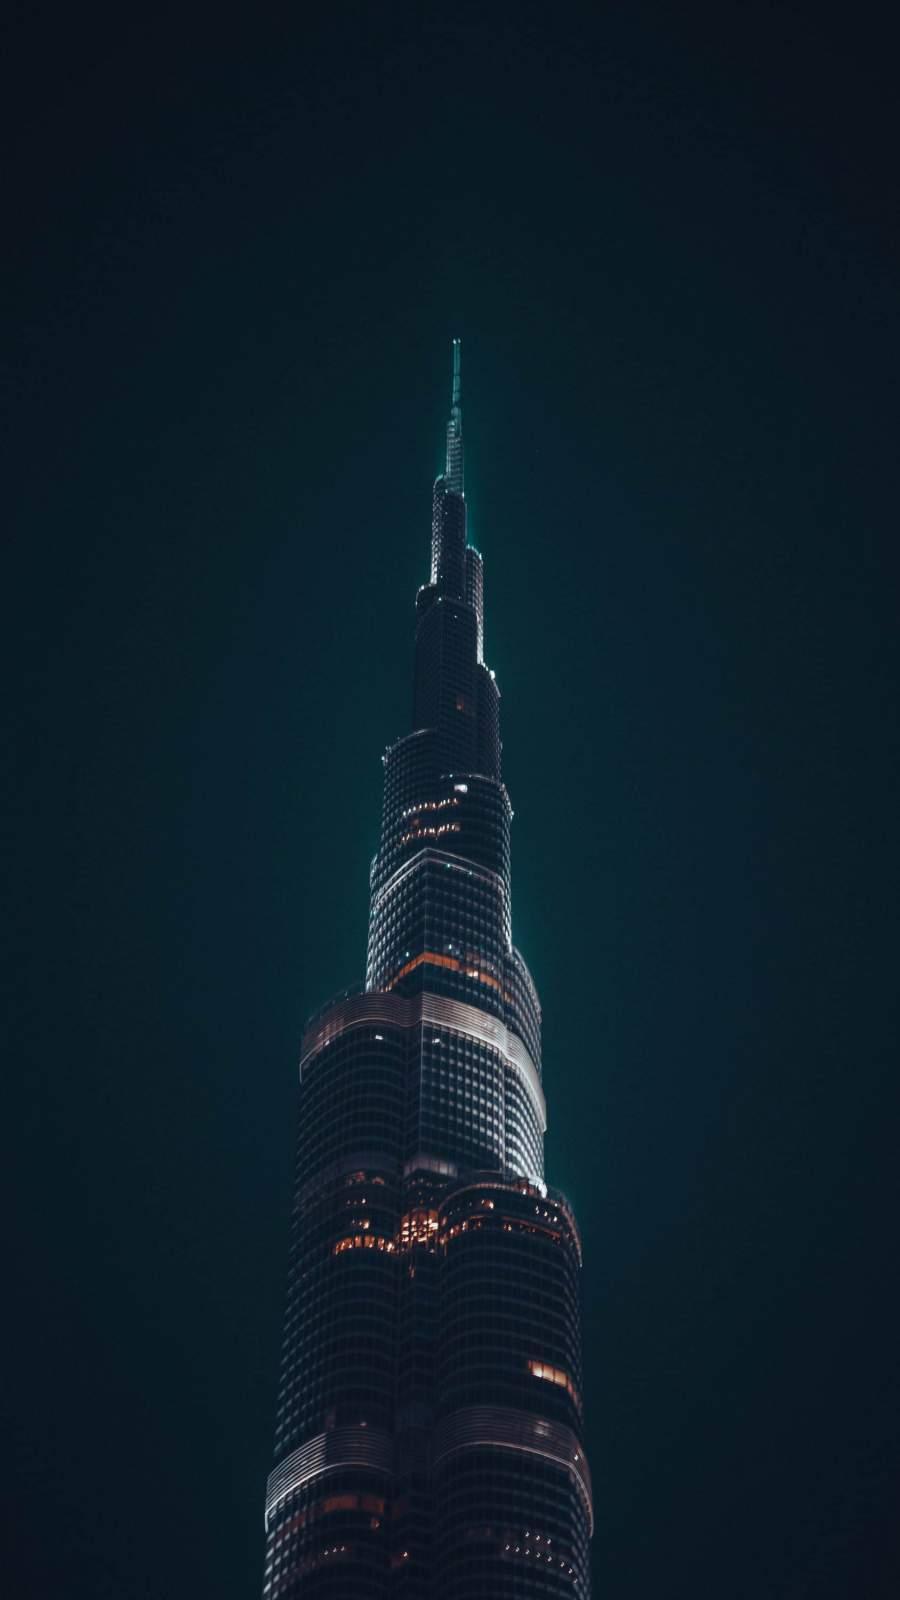 Dubai Burj Khalifa Night